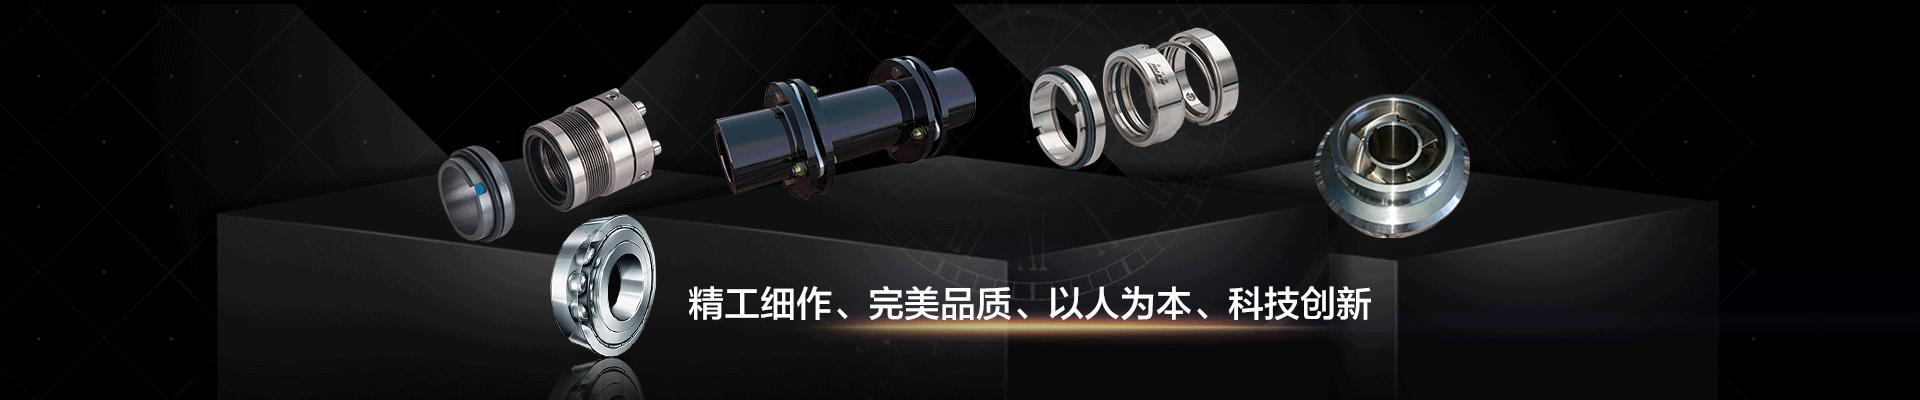 上海晨东机械科技有限公司